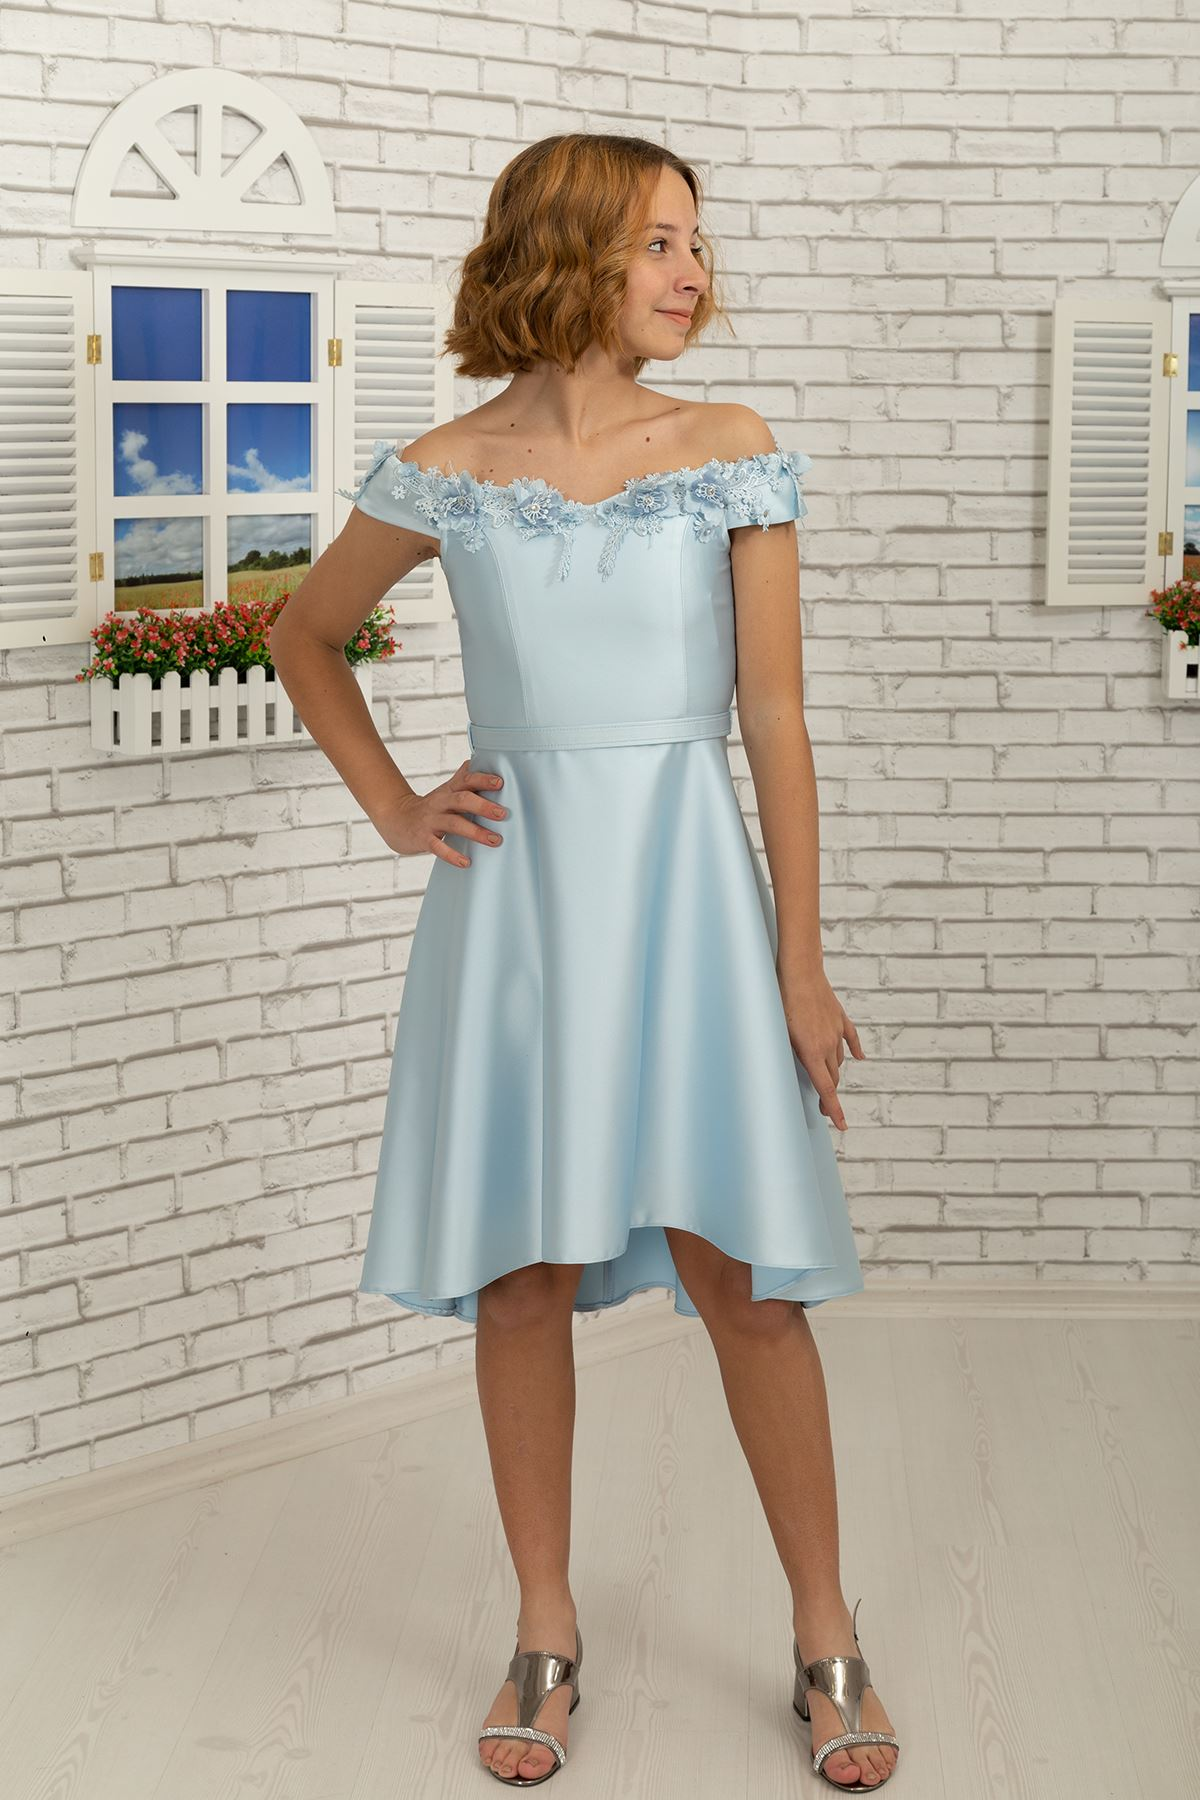 Fallen auf die Schulter Kragen detail, 3 dimensional Blume, Satin Mädchen Abendkleid 484 Hellblau